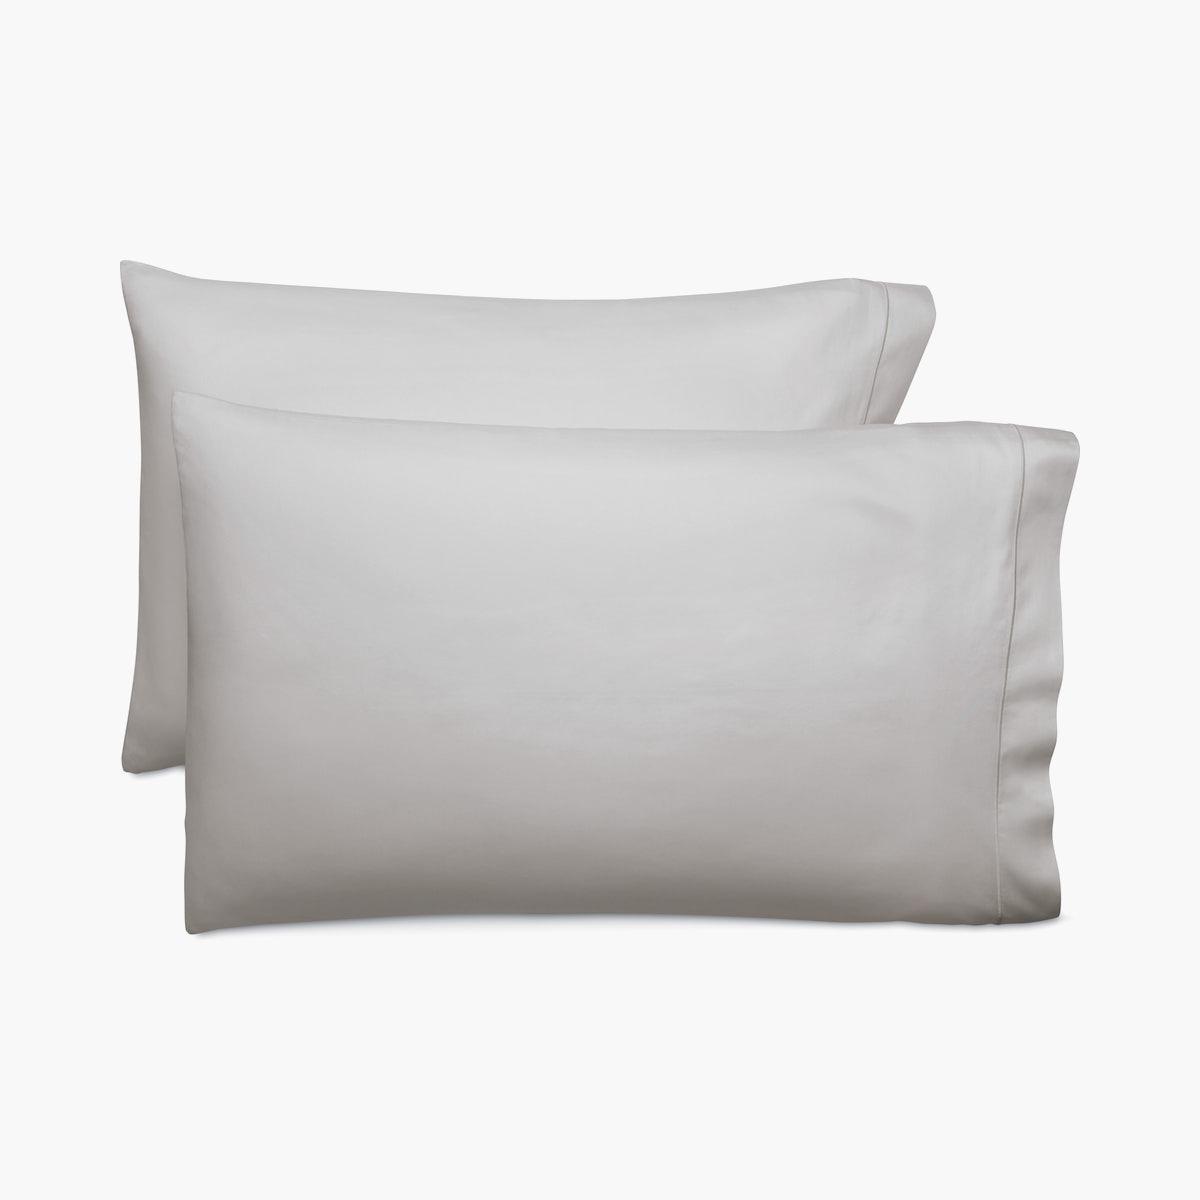 DWR Pillowcase Pair - Sateen